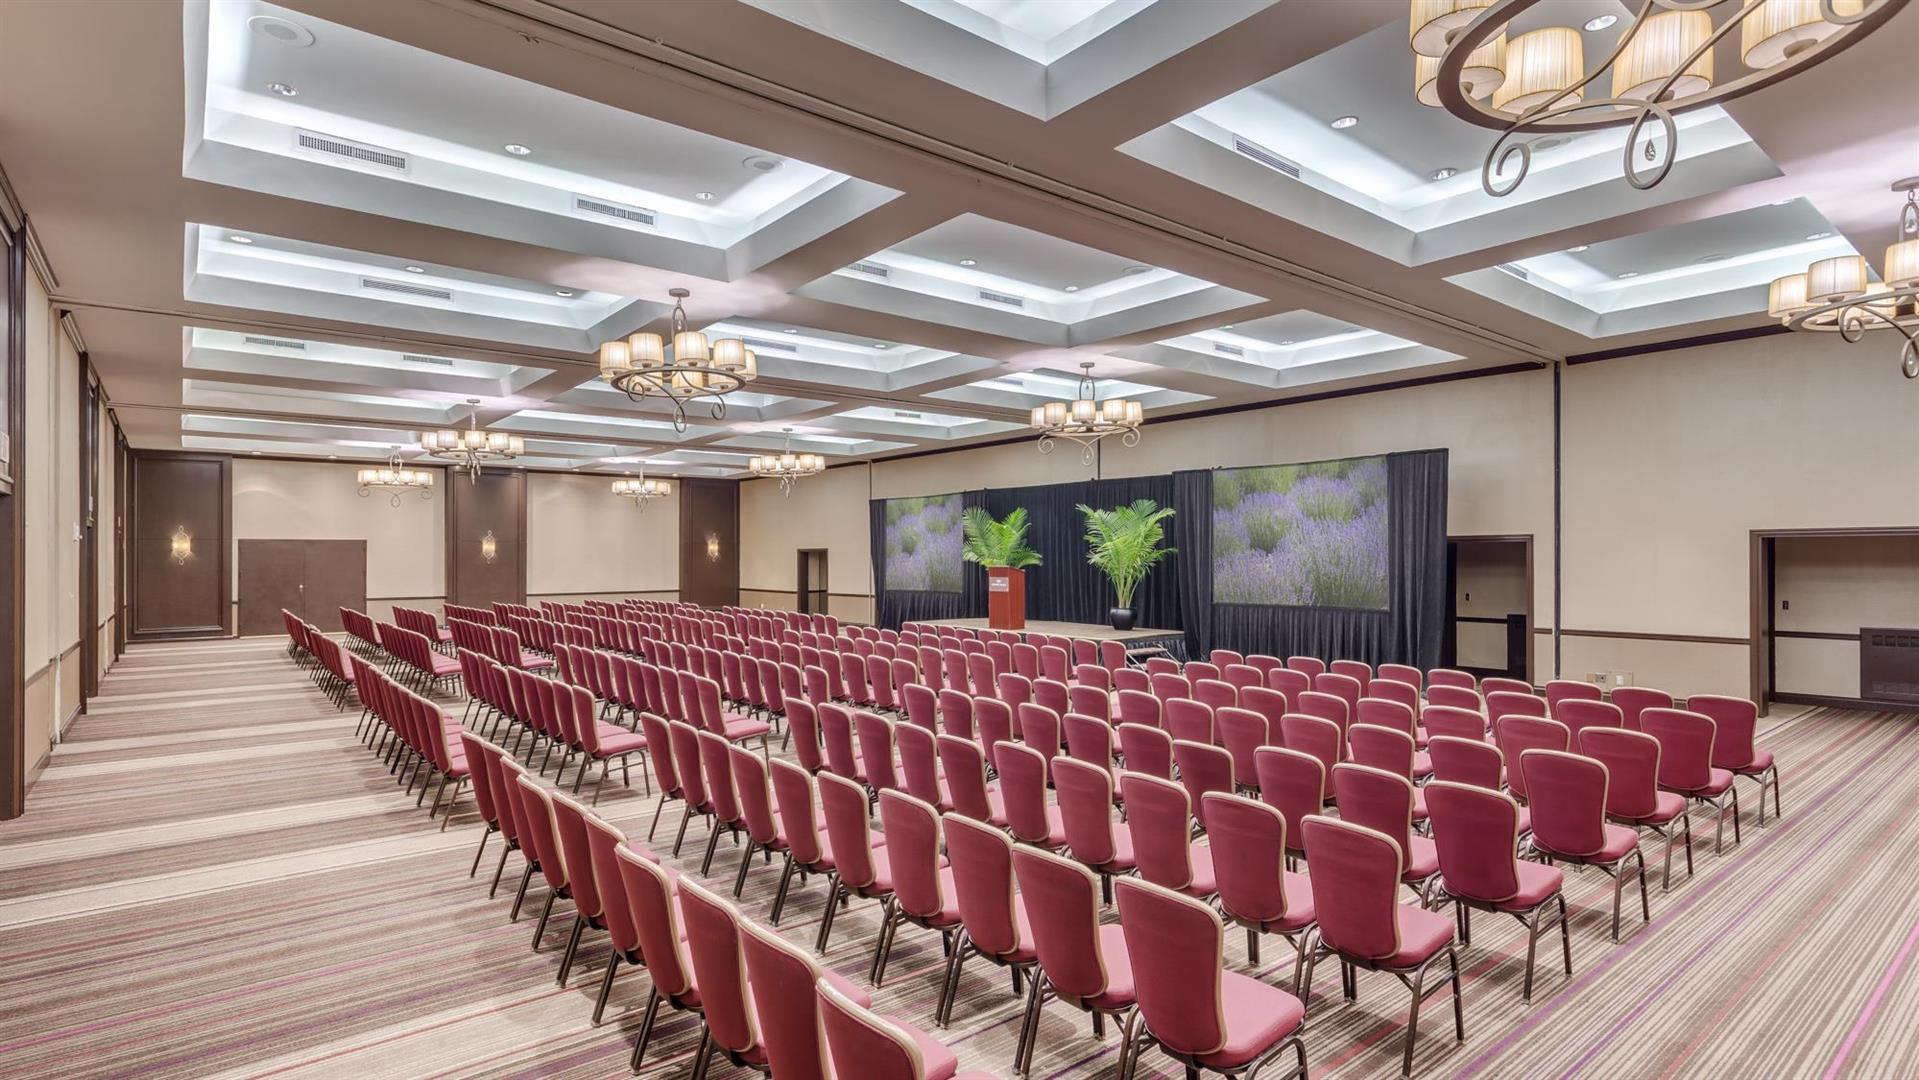 Meetings and events at Crowne Plaza Danbury, Danbury, CT, US